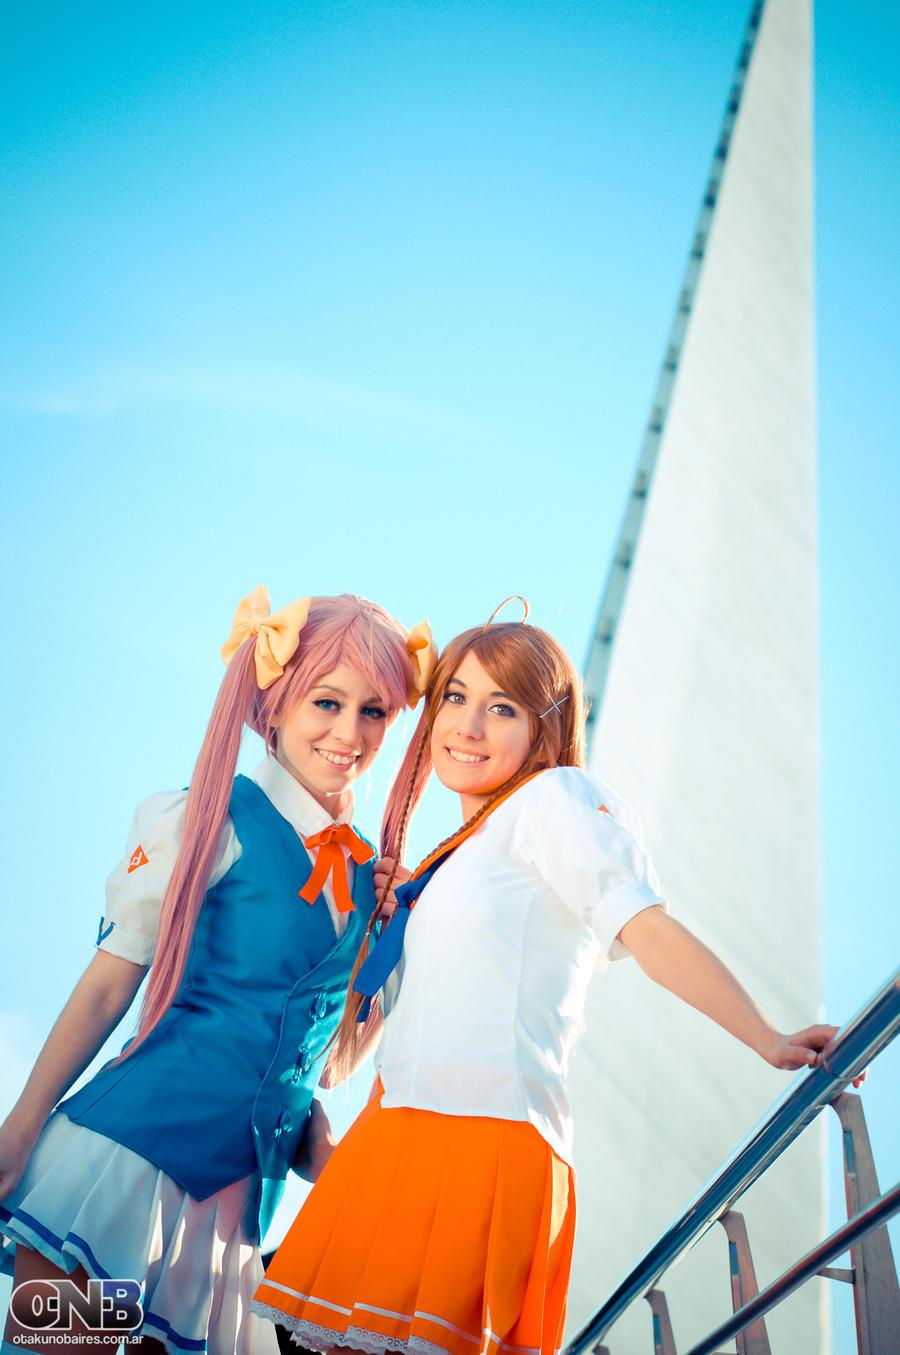 Mirai and Haruka Suenaga in the Puente de la Mujer by EzeMendez